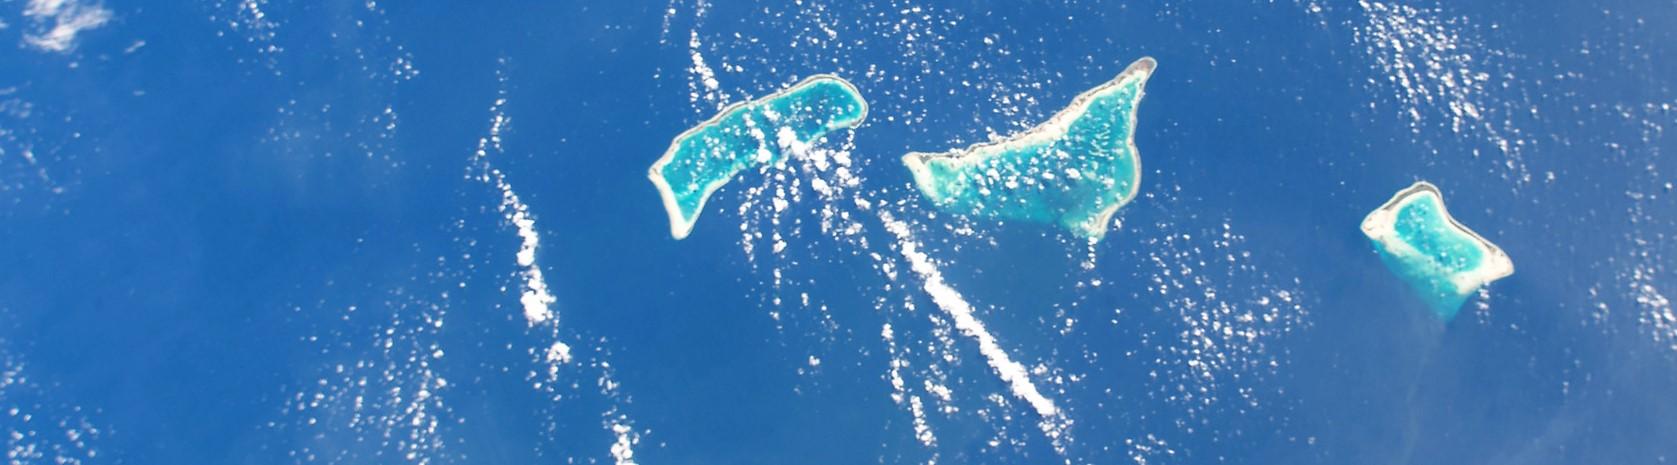 The islands of Abaiang, Tarawa and Maiana, Kiribati, November 2017 (Photo: NASA Johnson/Flickr)